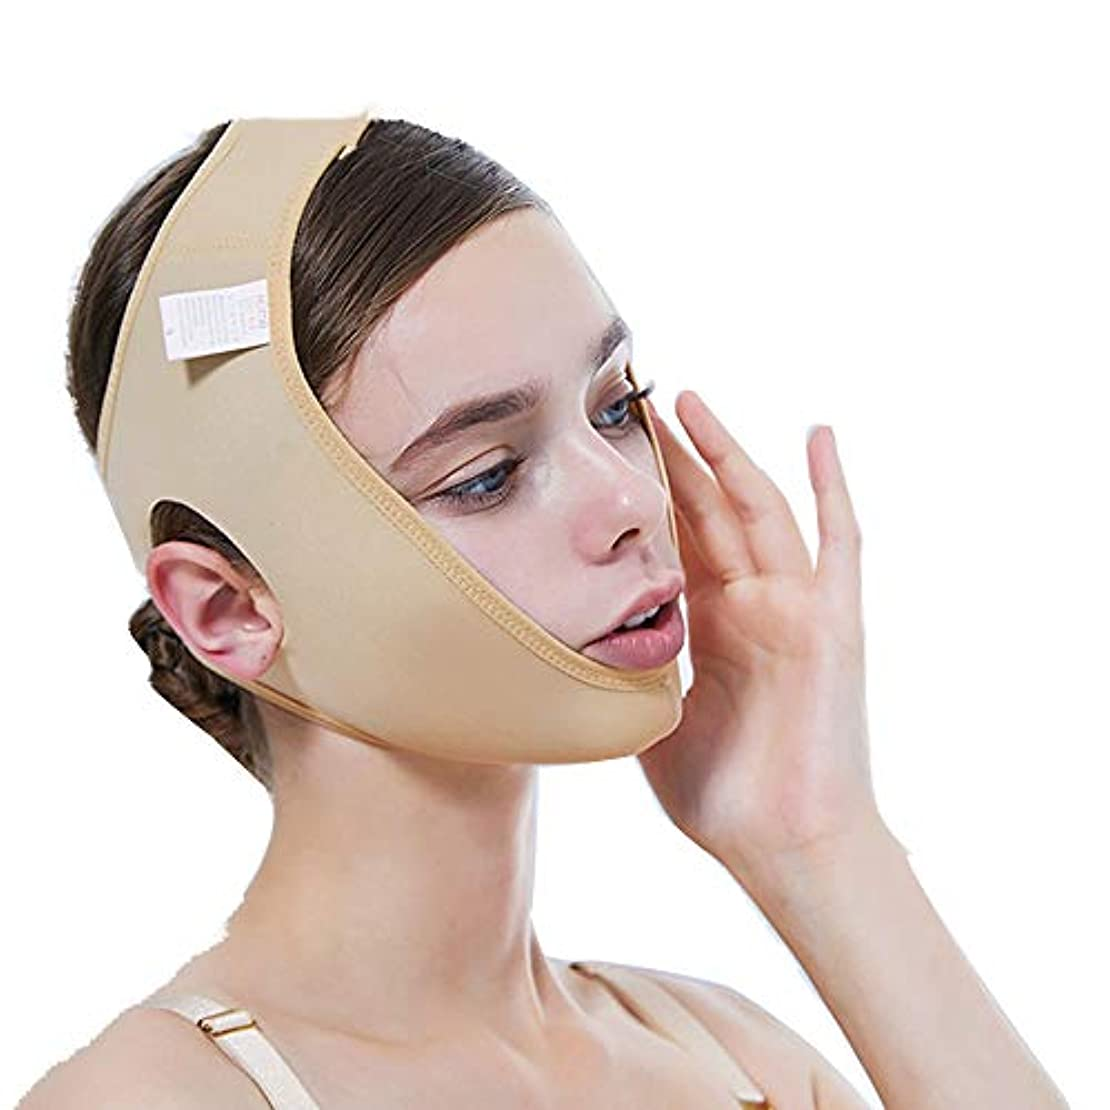 現金ファウル誕生日フェイスリフトマスク、薄型ダブルチンアーティファクト/vフェイスビームフェイス/あご手術セット/フェイスマスク(カラー),XXL